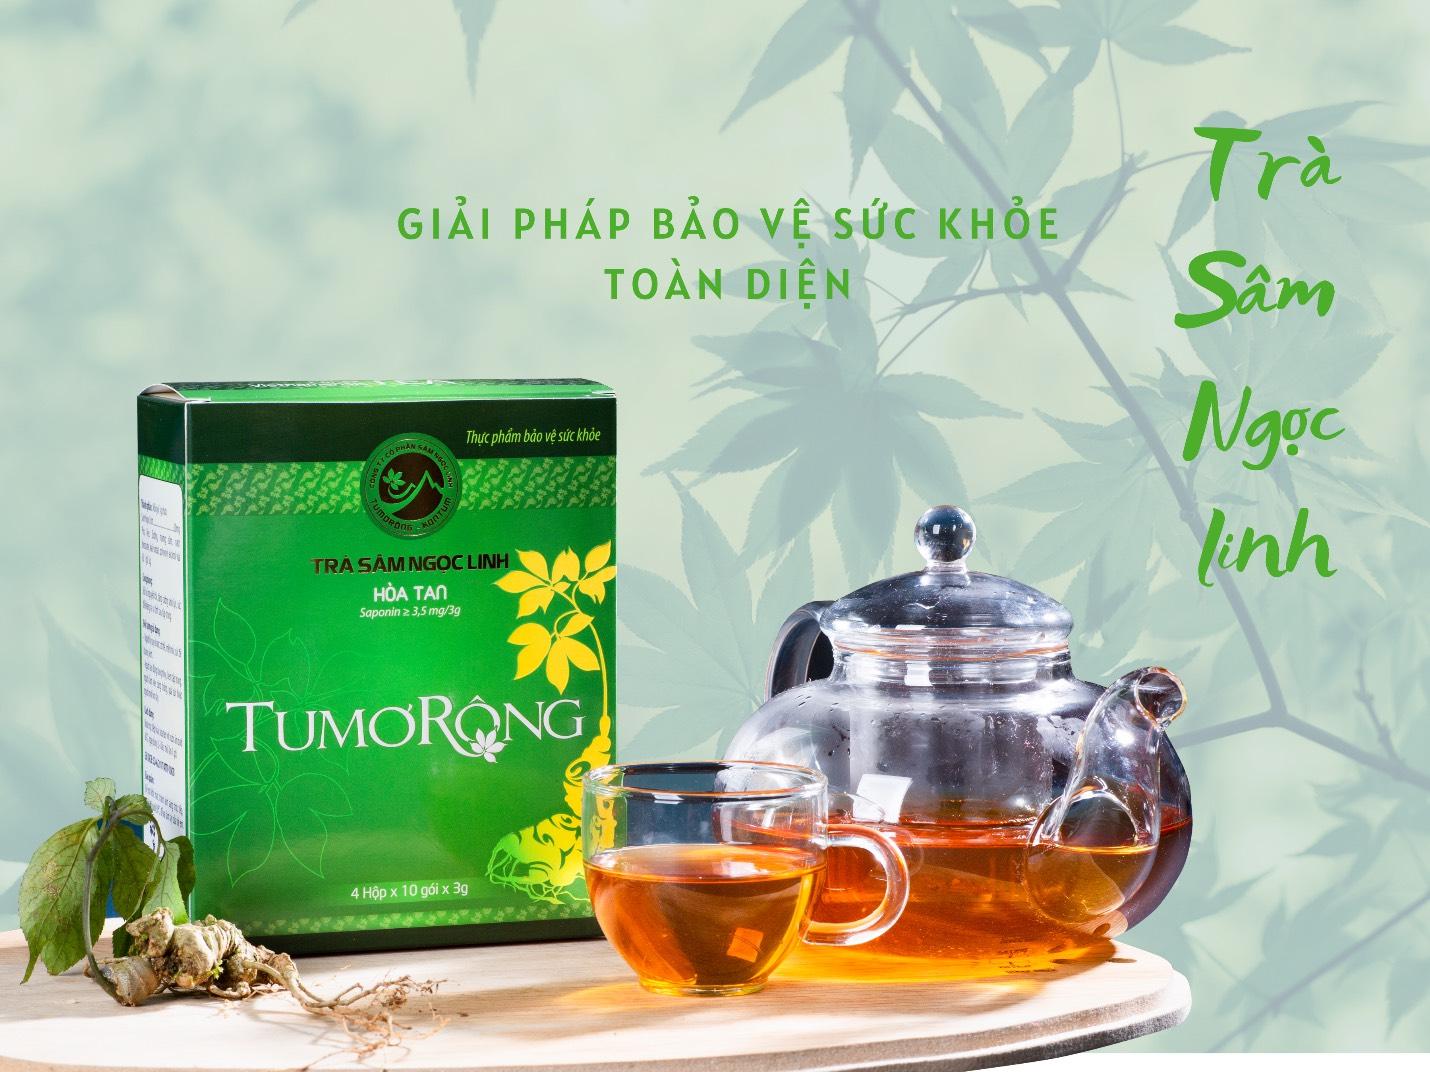 Trà sâm Ngọc Linh - Thức uống tăng cường sức đề kháng mùa dịch